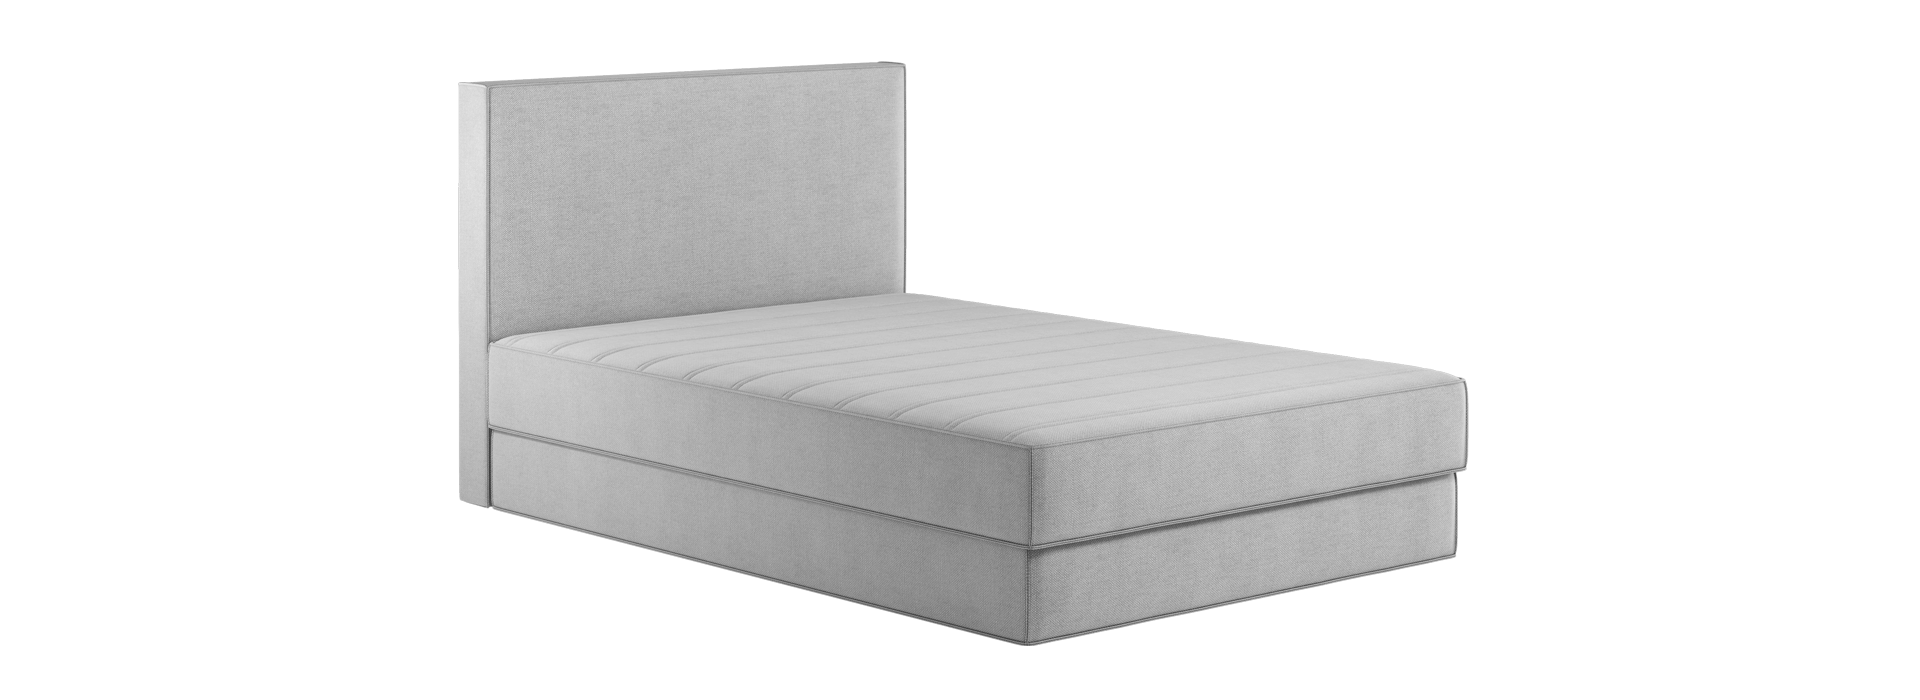 Ліна 1.4 ліжко з підйомником - маска 4